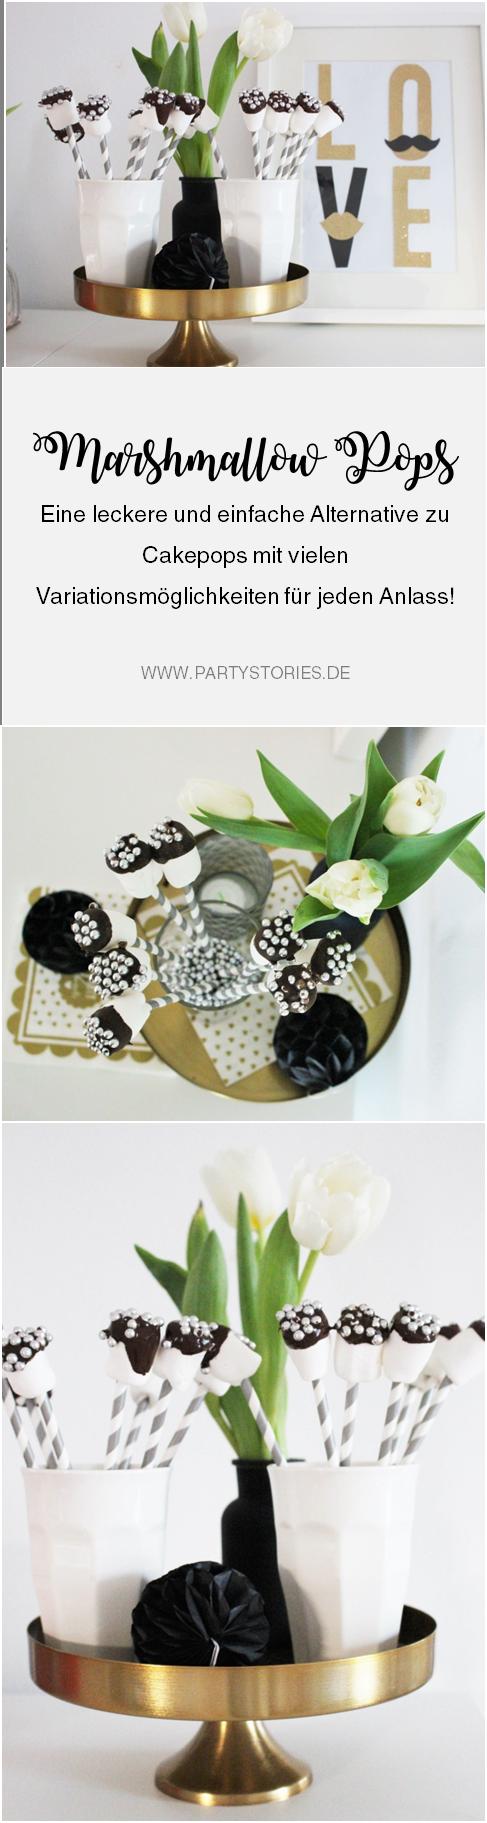 Bild: Rezept für Marshmallow Pops, eine Alternative Idee zu CakePops, einfach und lecker für den Geburtstag, Karneval, eine Babyparty und jede andere Party: gefunden auf www.partystories.de